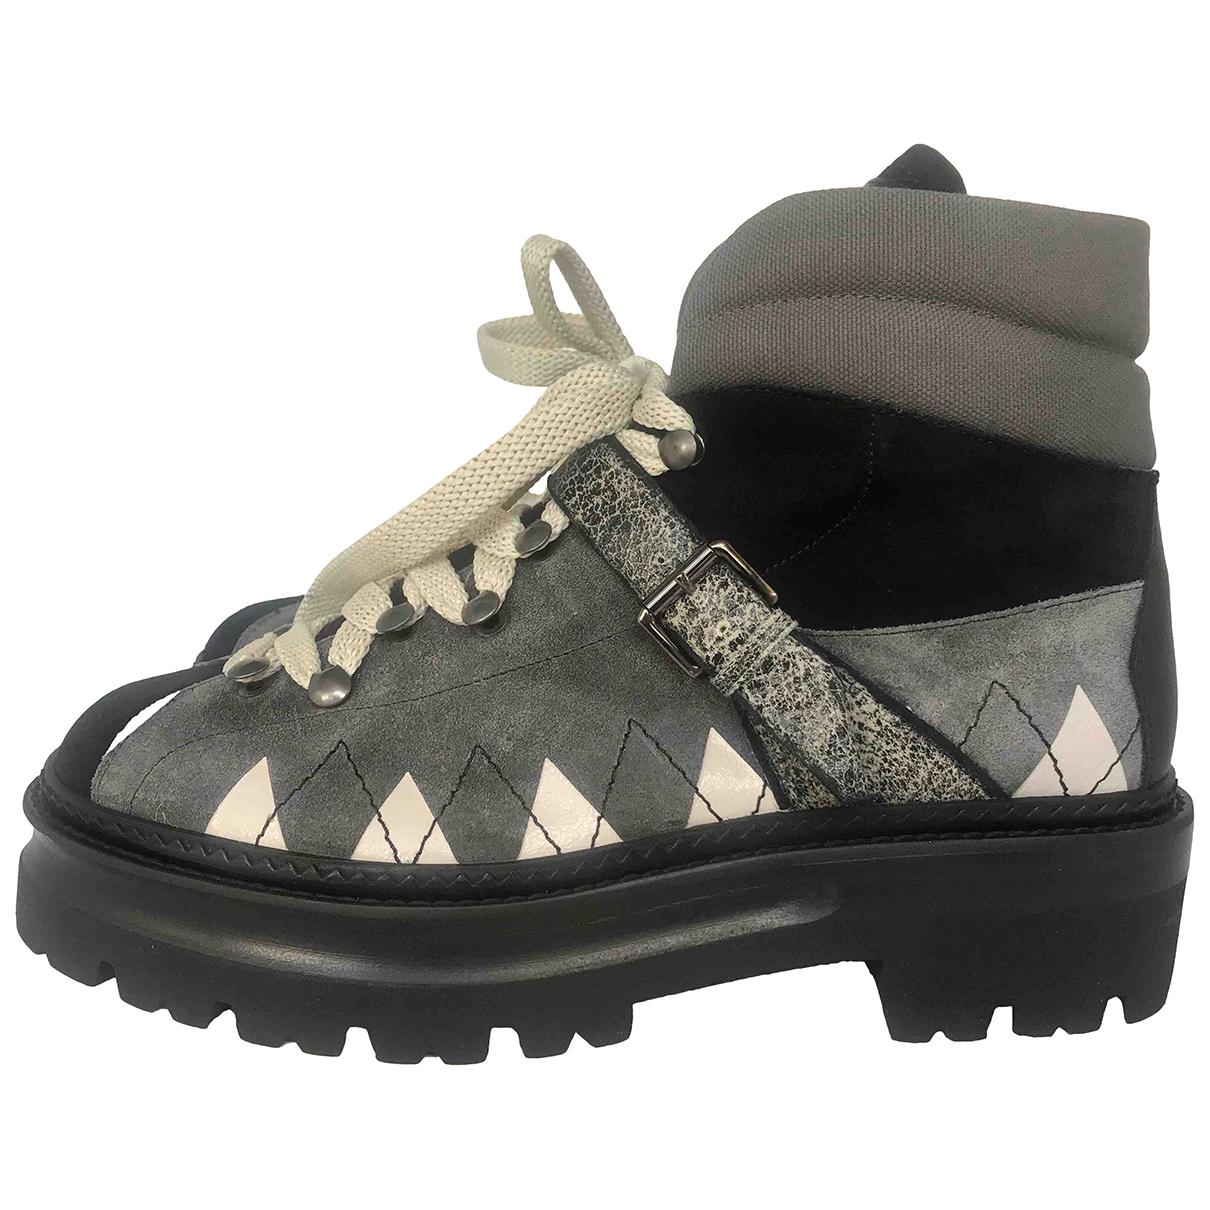 Bally N Multicolour Suede Boots for Women 40 EU